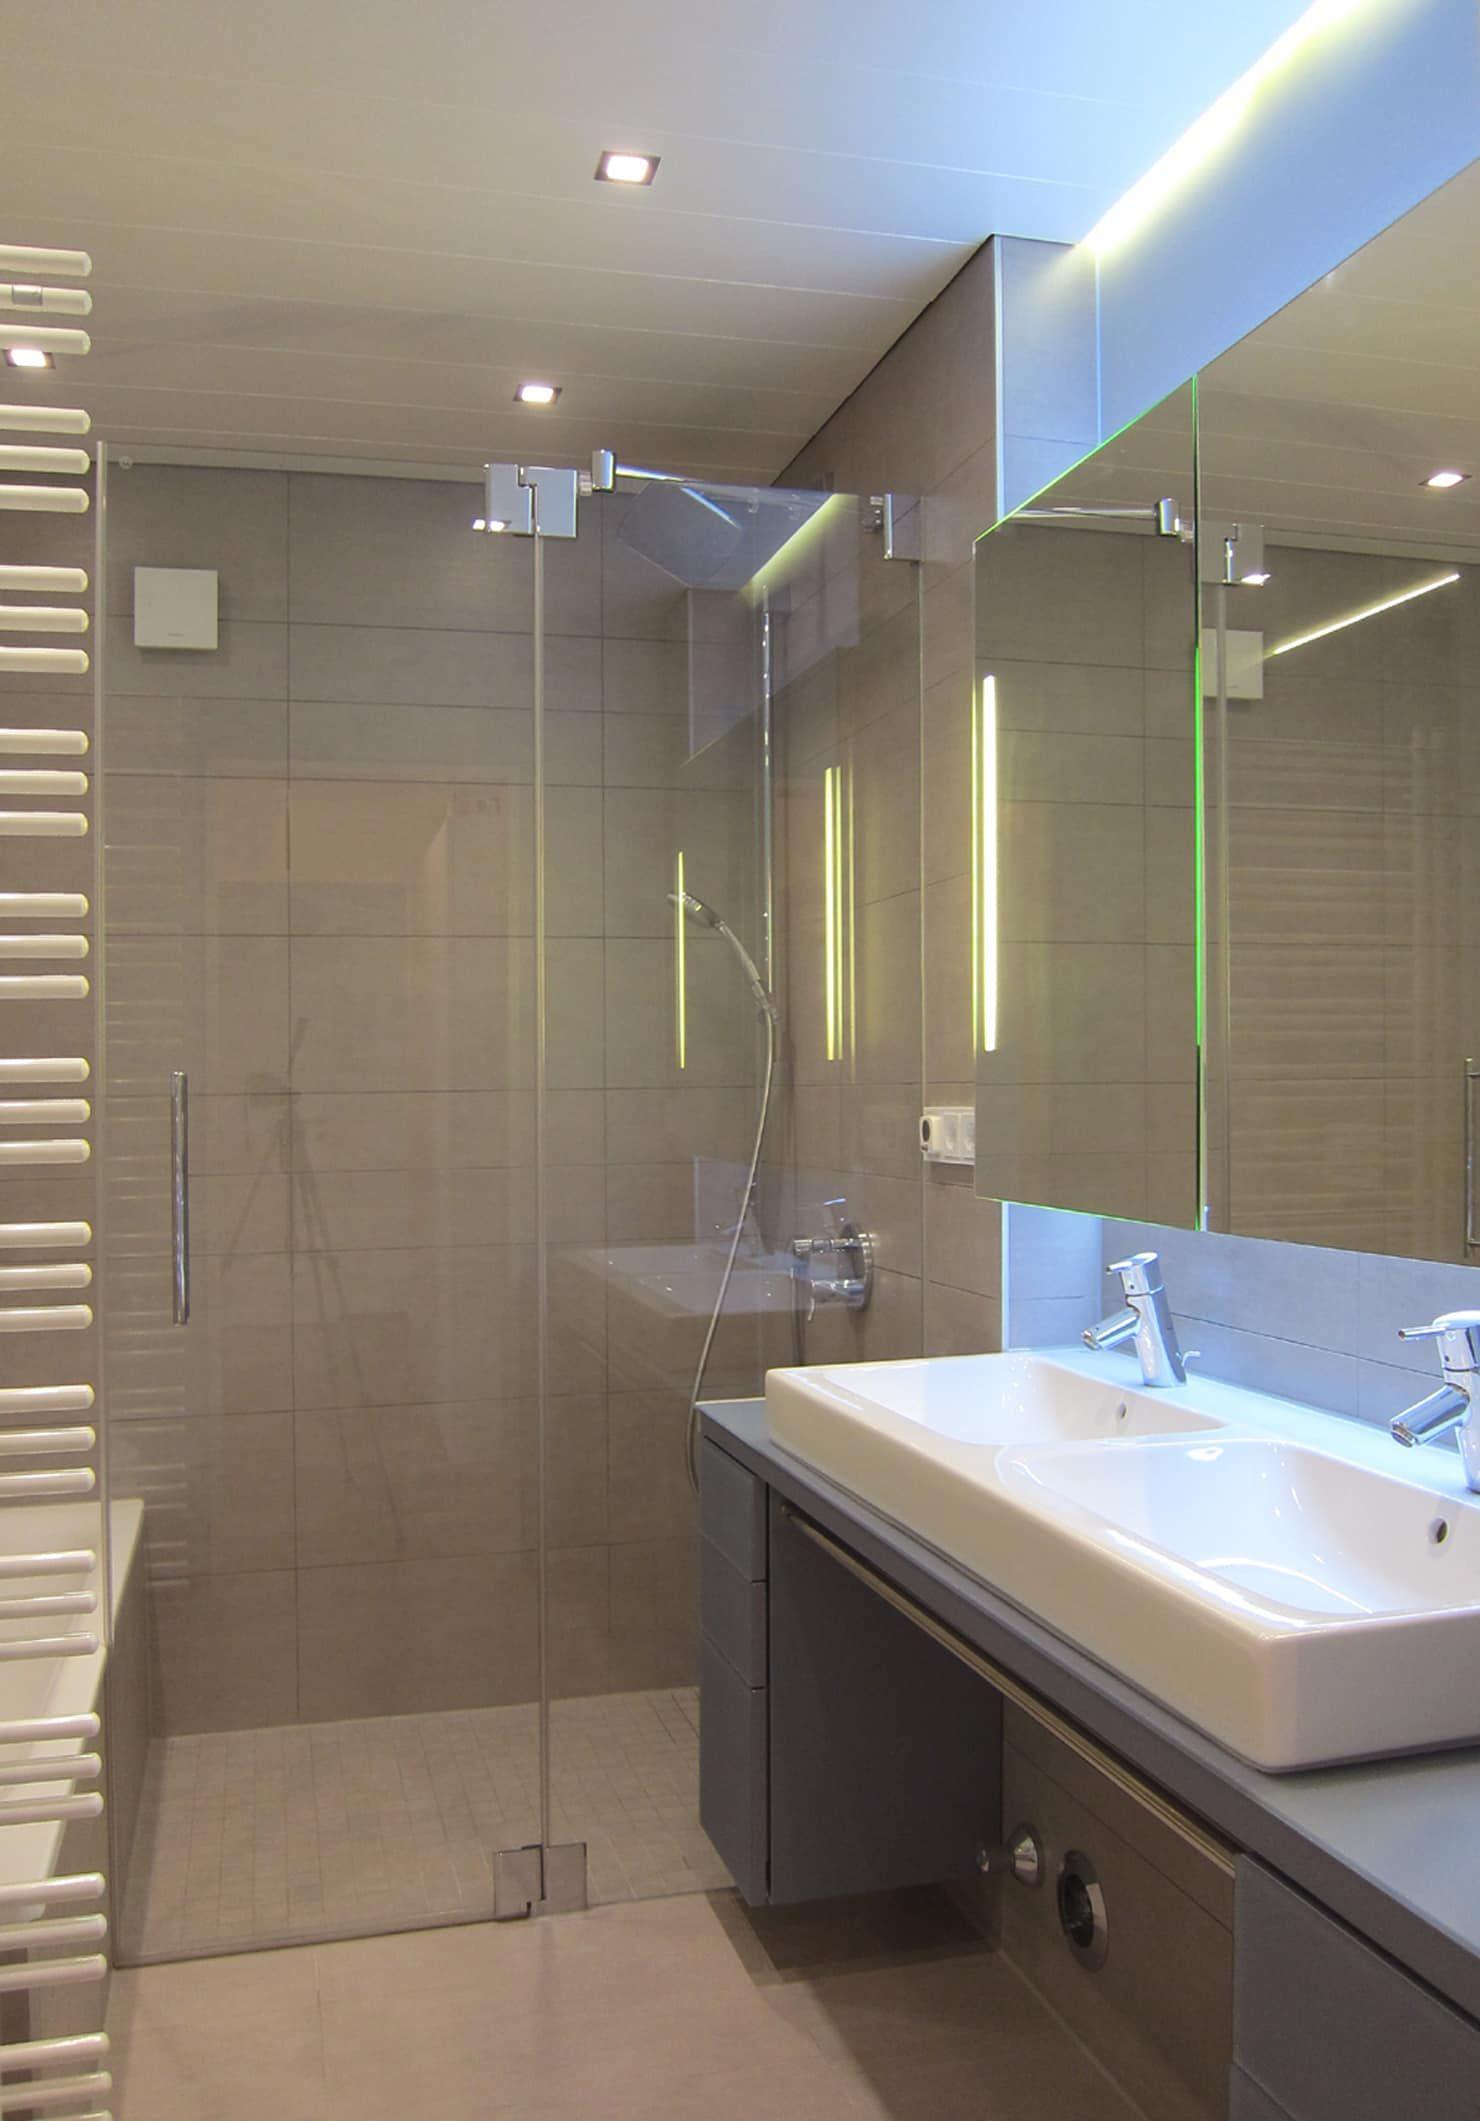 Home-office-innenarchitektur inspiration bodenbündige dusche moderne badezimmer von hansen innenarchitektur